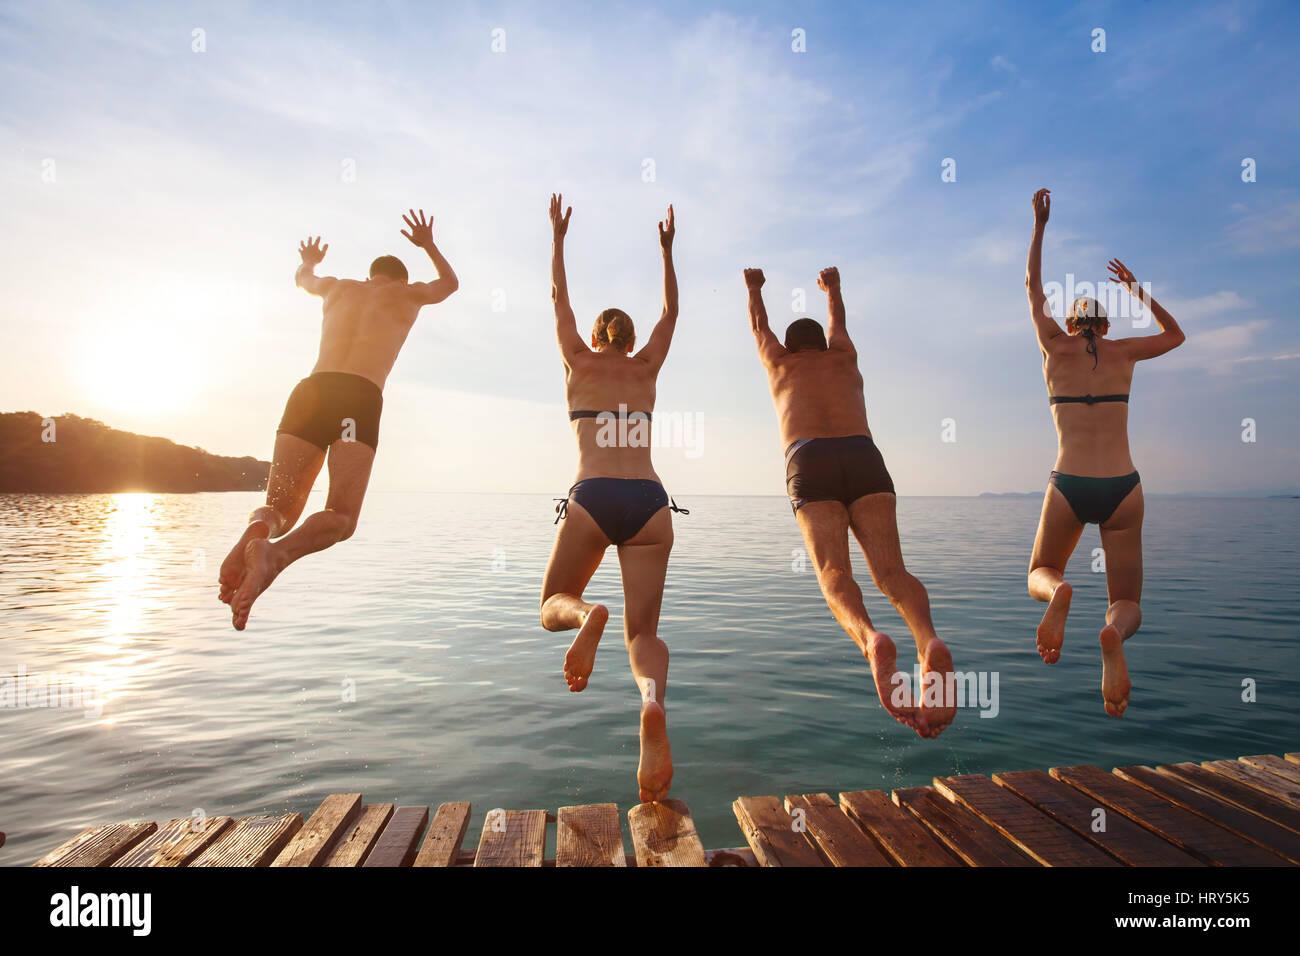 Grupo de Amigos saltando al mar desde el muelle, felices vacaciones en la playa Imagen De Stock